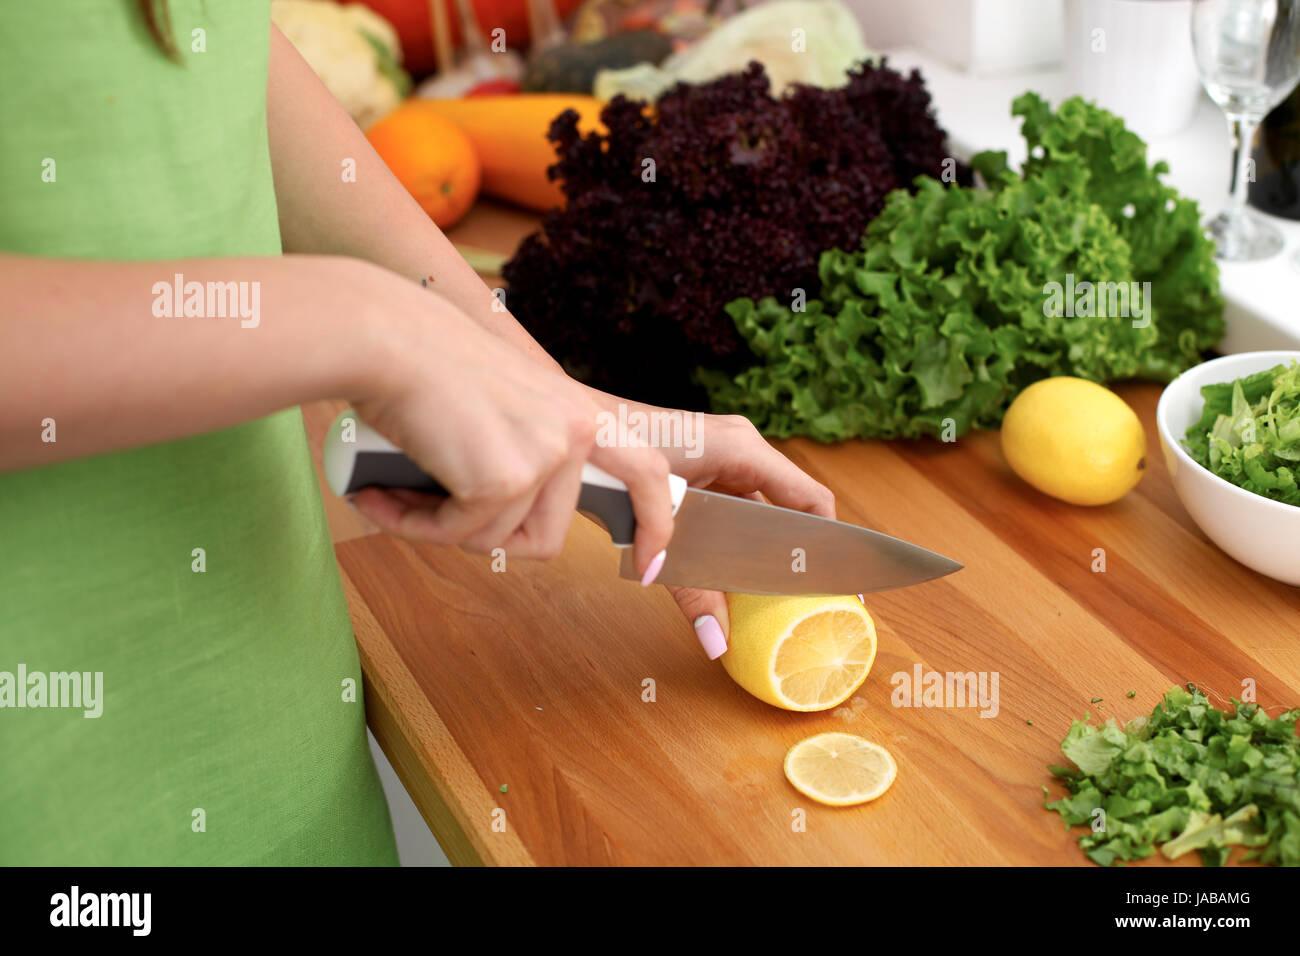 Primer plano de una mujer manos ensalada de verduras para cocinar en la cocina. Cortes de ama de casa limón. Imagen De Stock